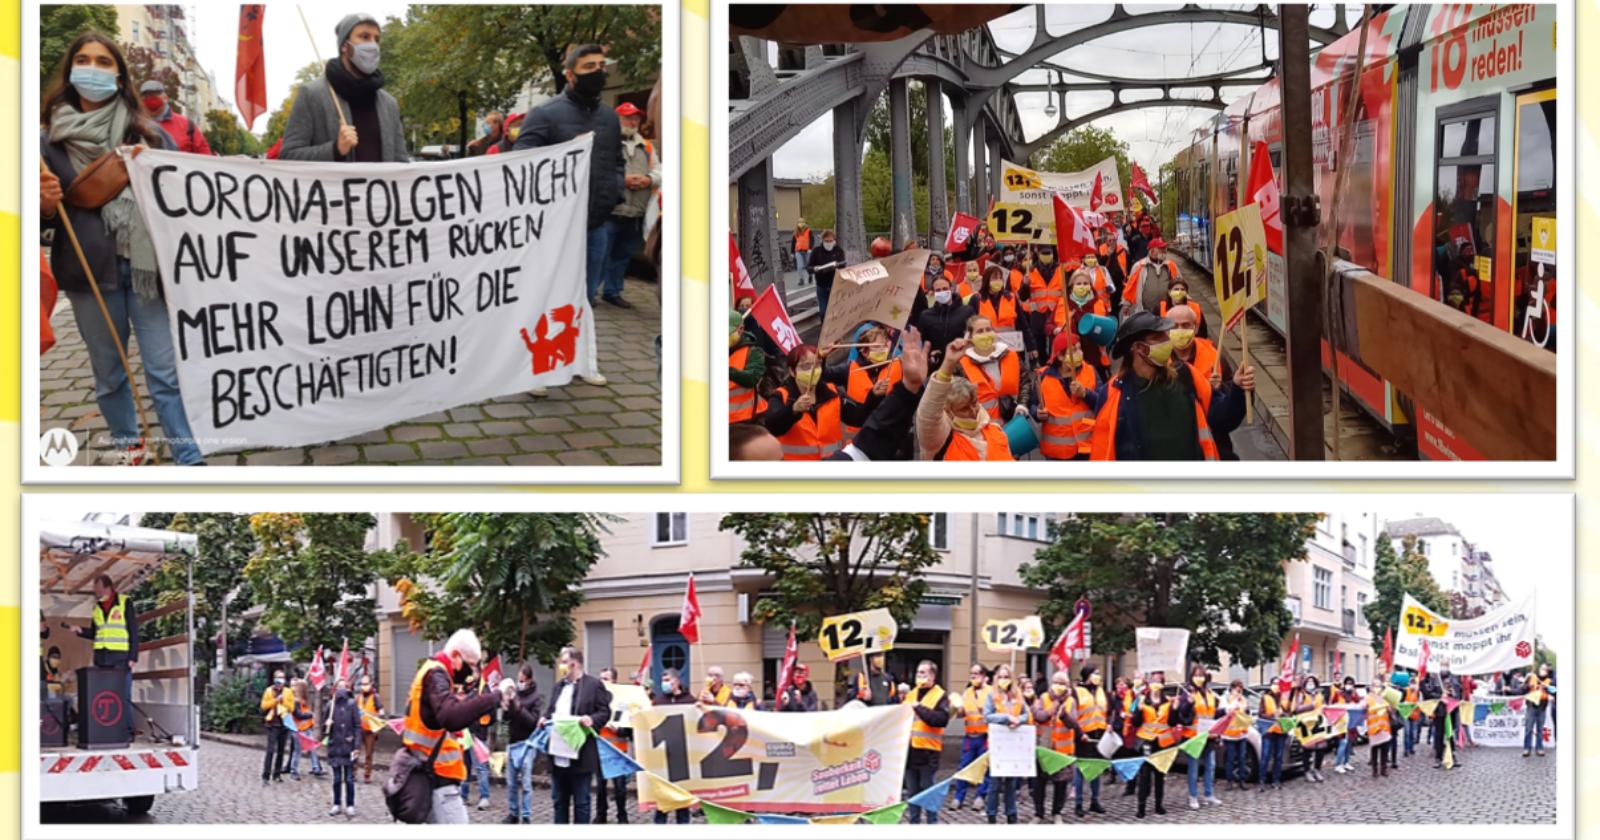 Voll auf die 12! So war die gestrigen Demo der Reinigungskräfte in Berlin (mit Video)